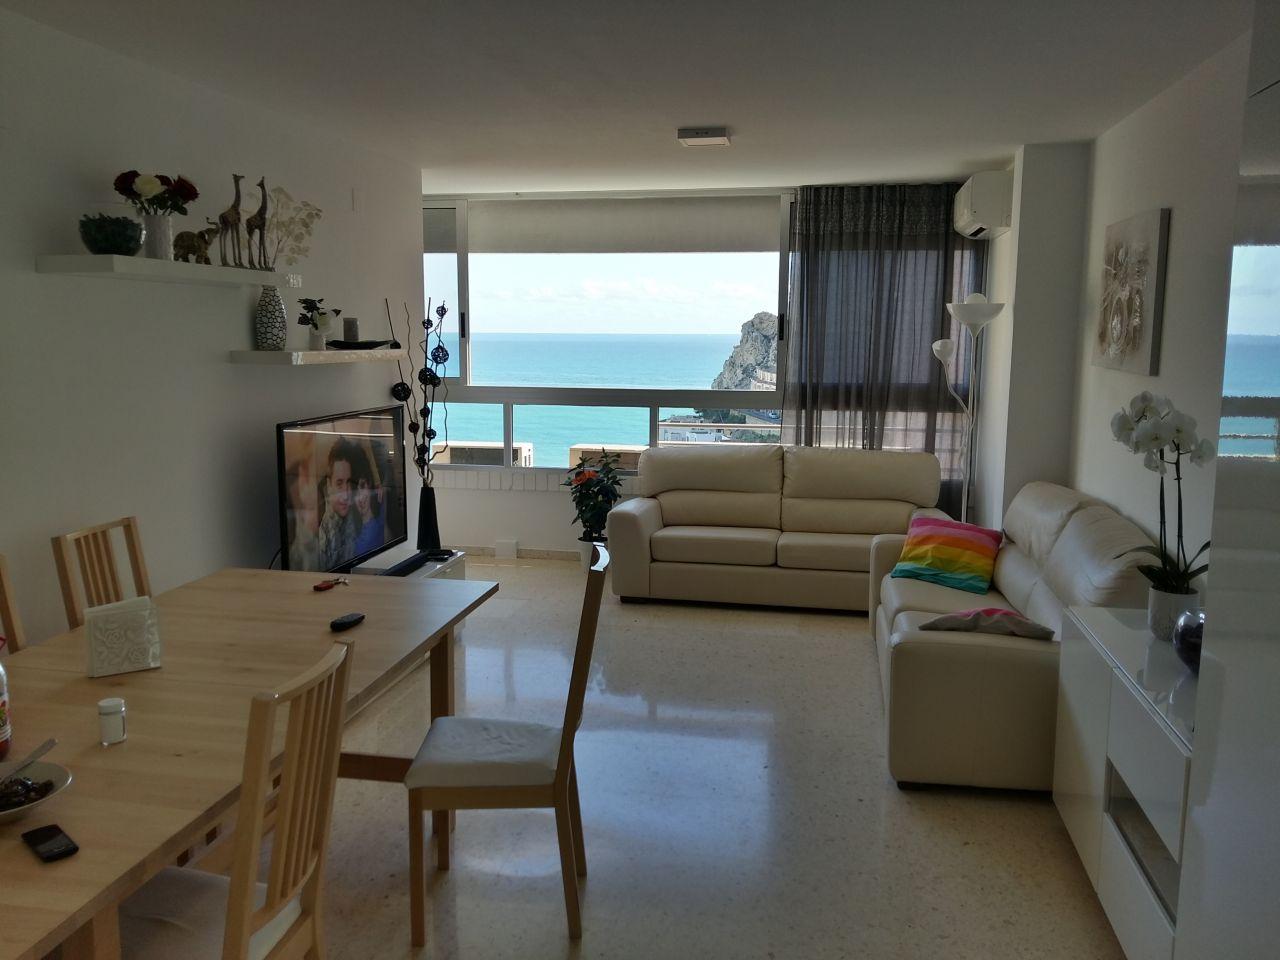 Апартаменты на Коста-Бланка, Испания, 115 м2 - фото 1